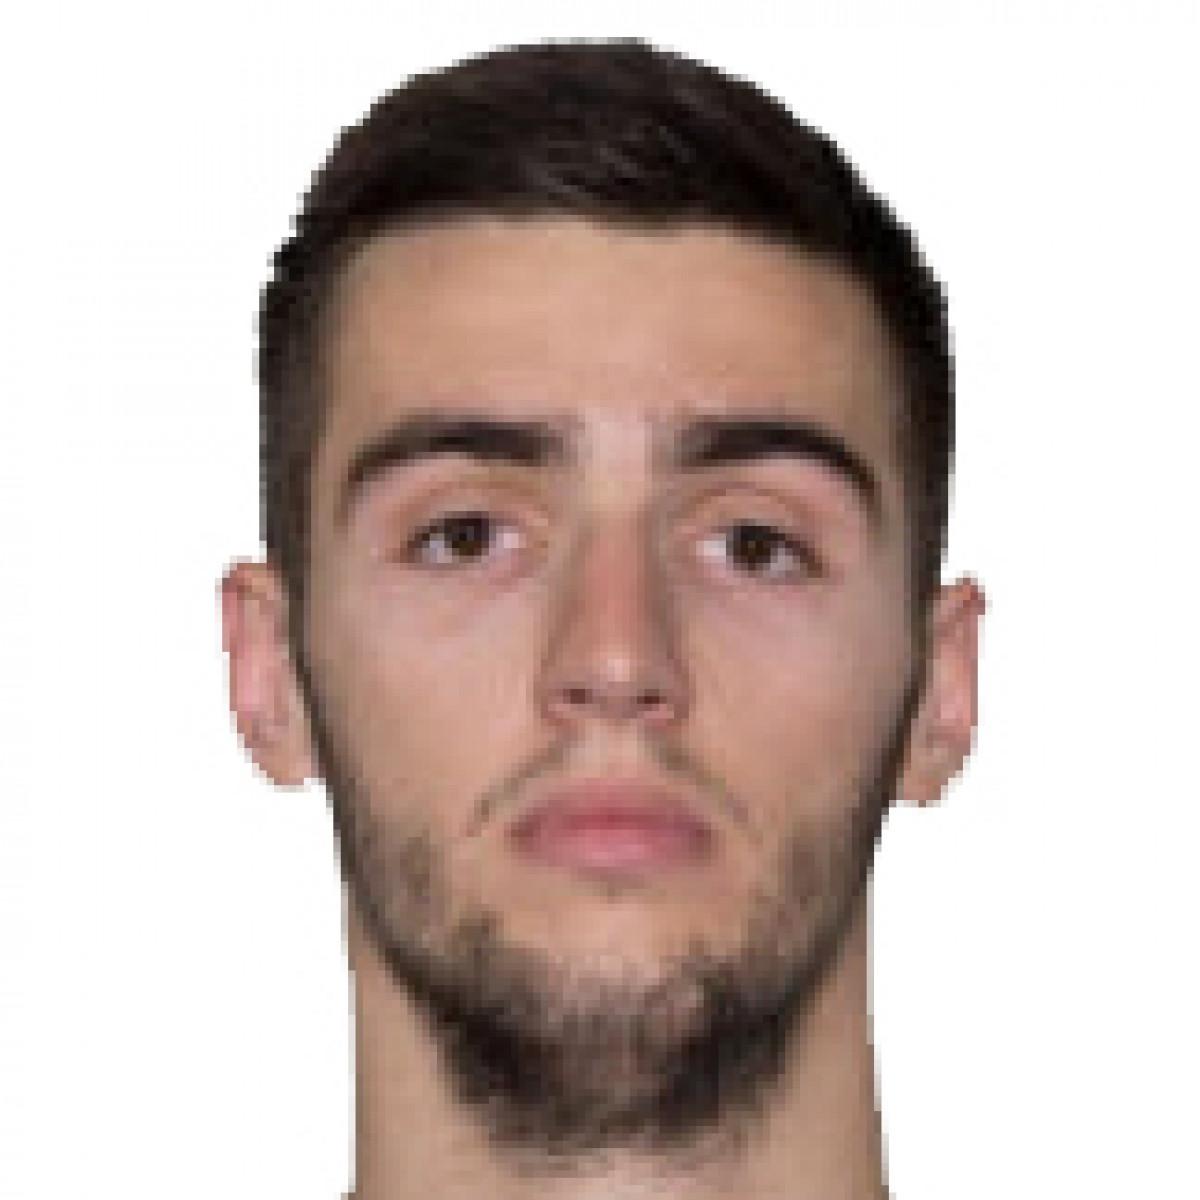 Tarik Bruncevic